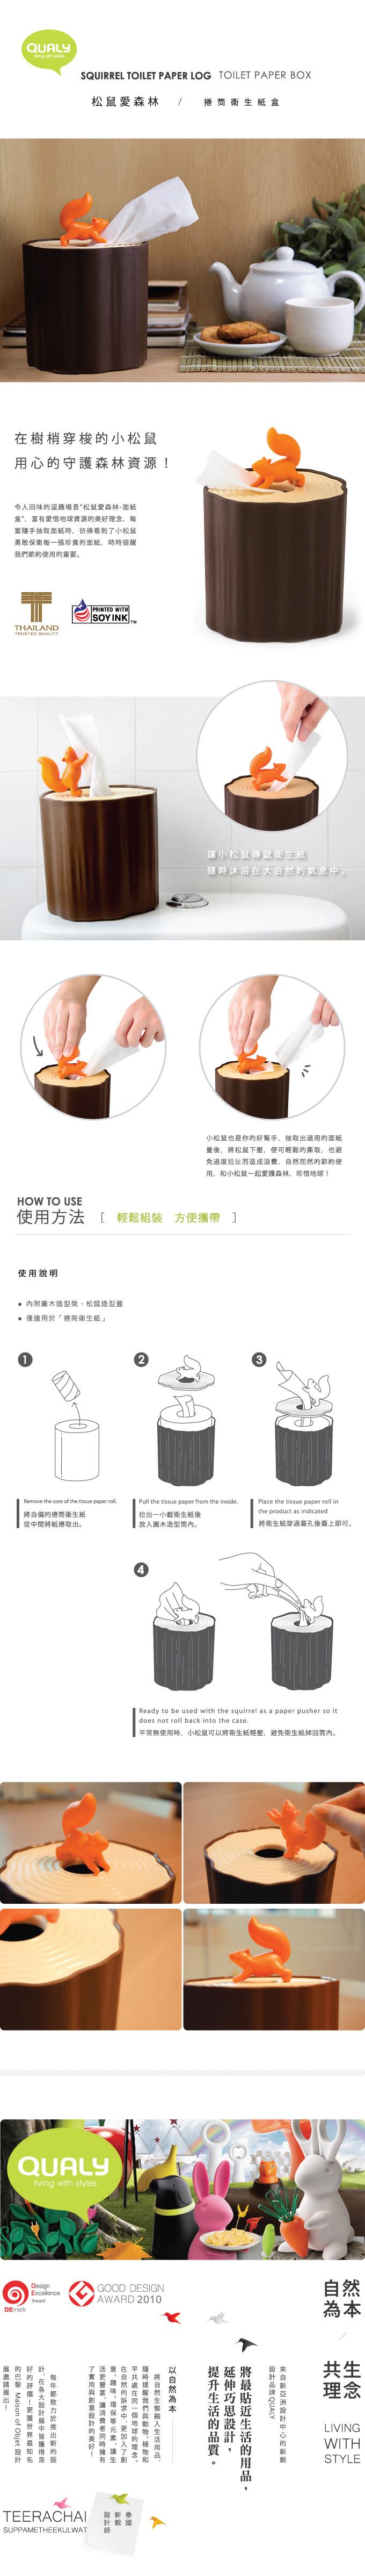 【12/1~12/24聖誕特惠活動】QUALY 松鼠愛森林-捲筒衛生紙盒